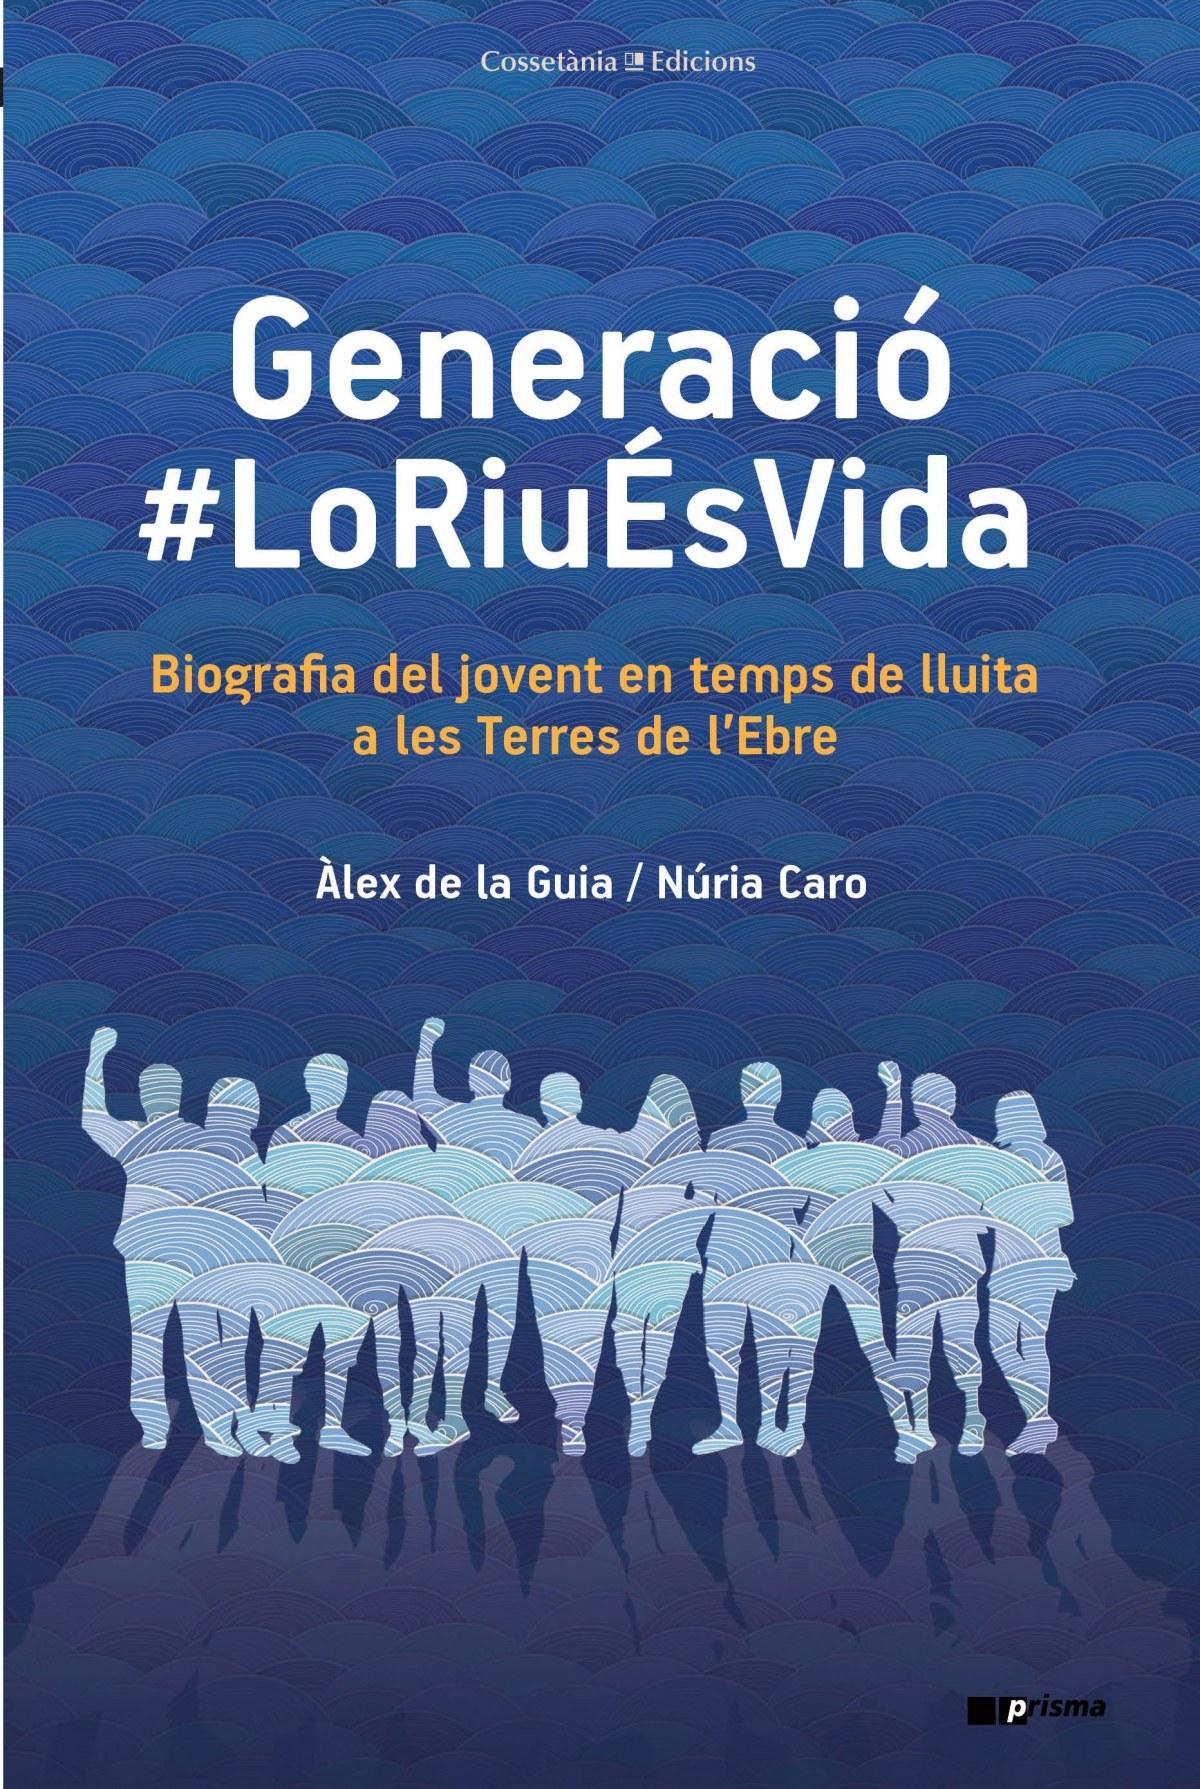 GENERACIÓ #LORIUÉSVIDA